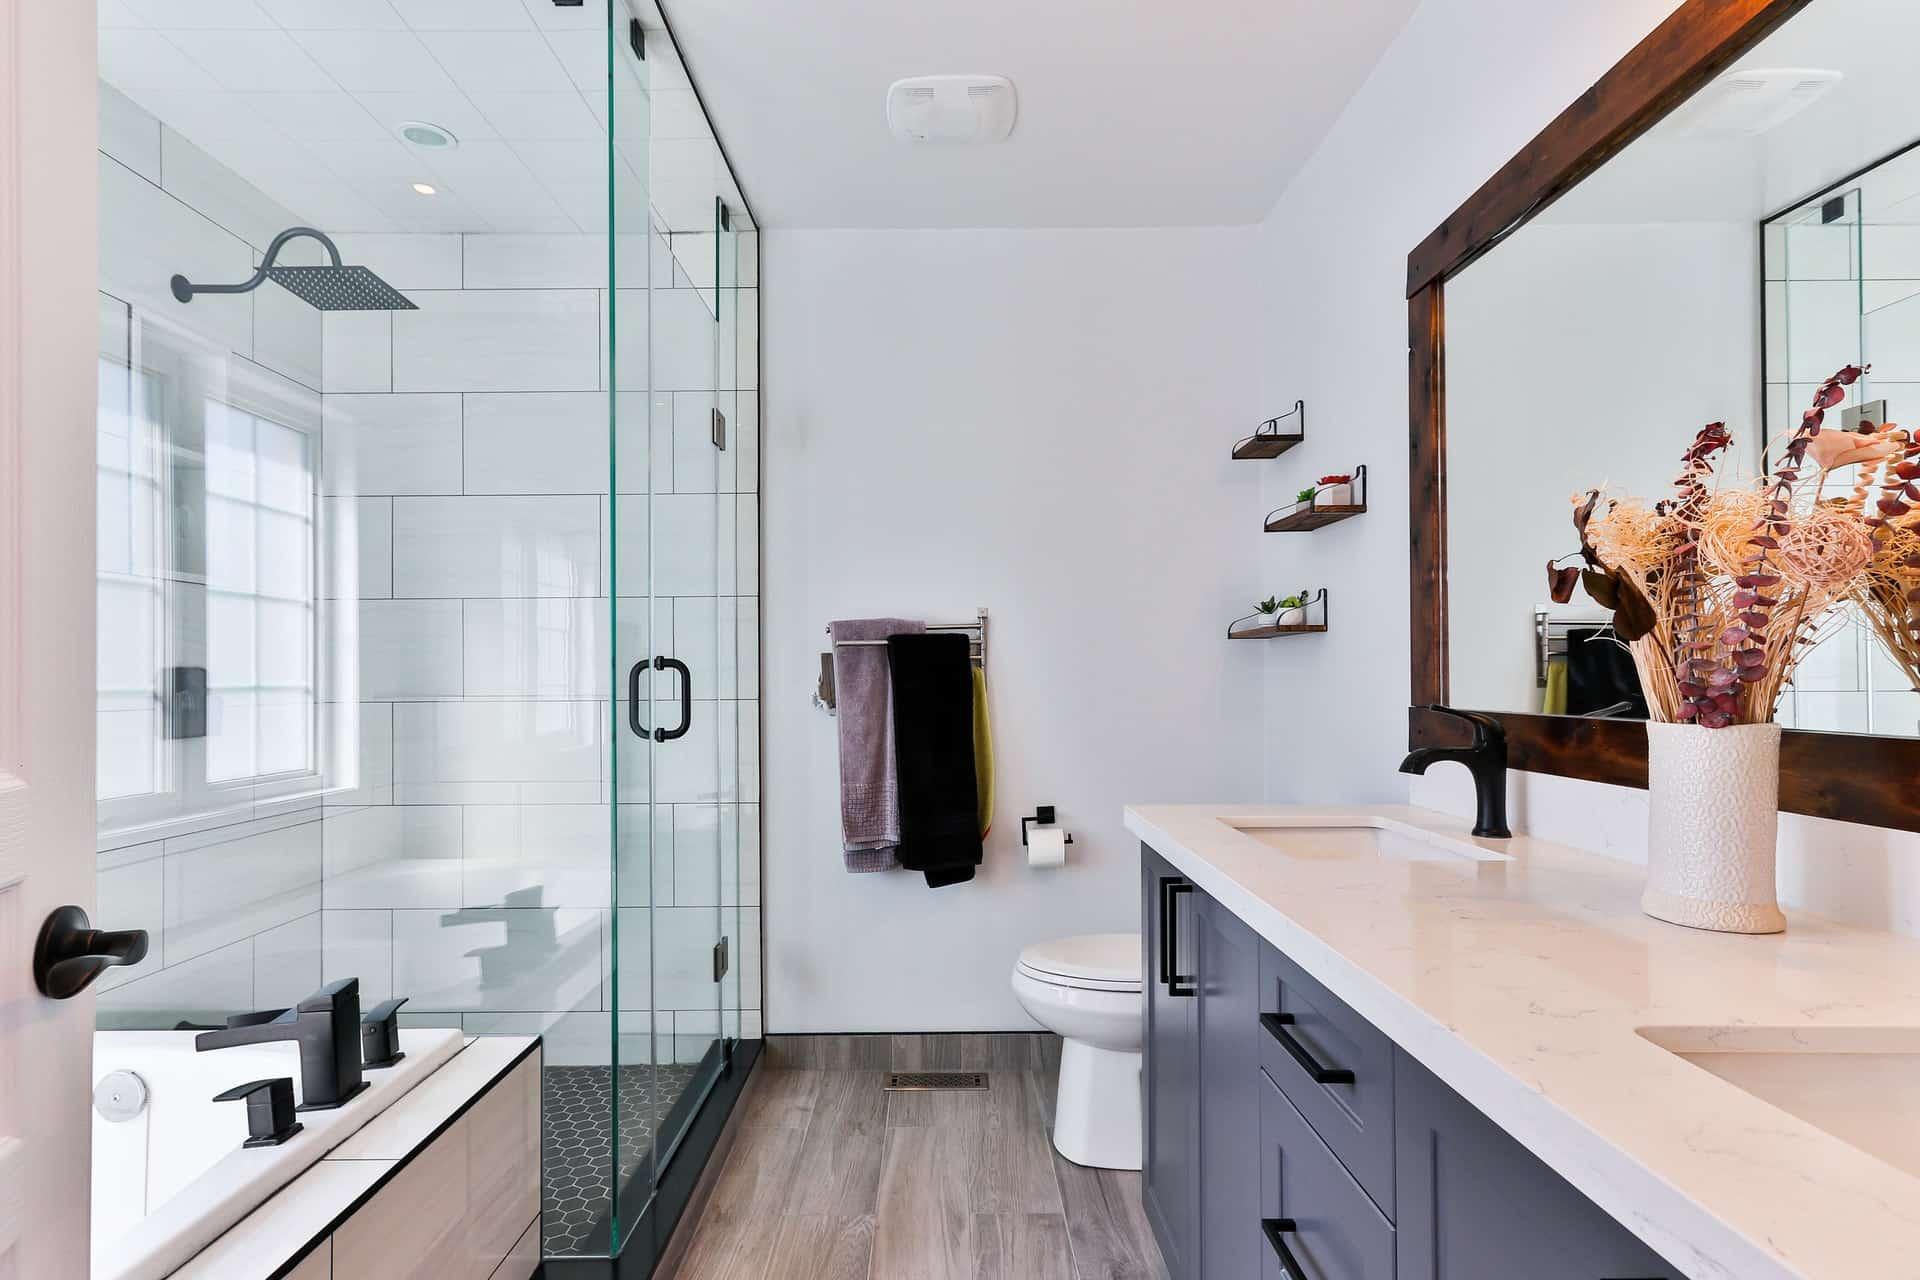 Bathroom Cleaning Hacks Header Image